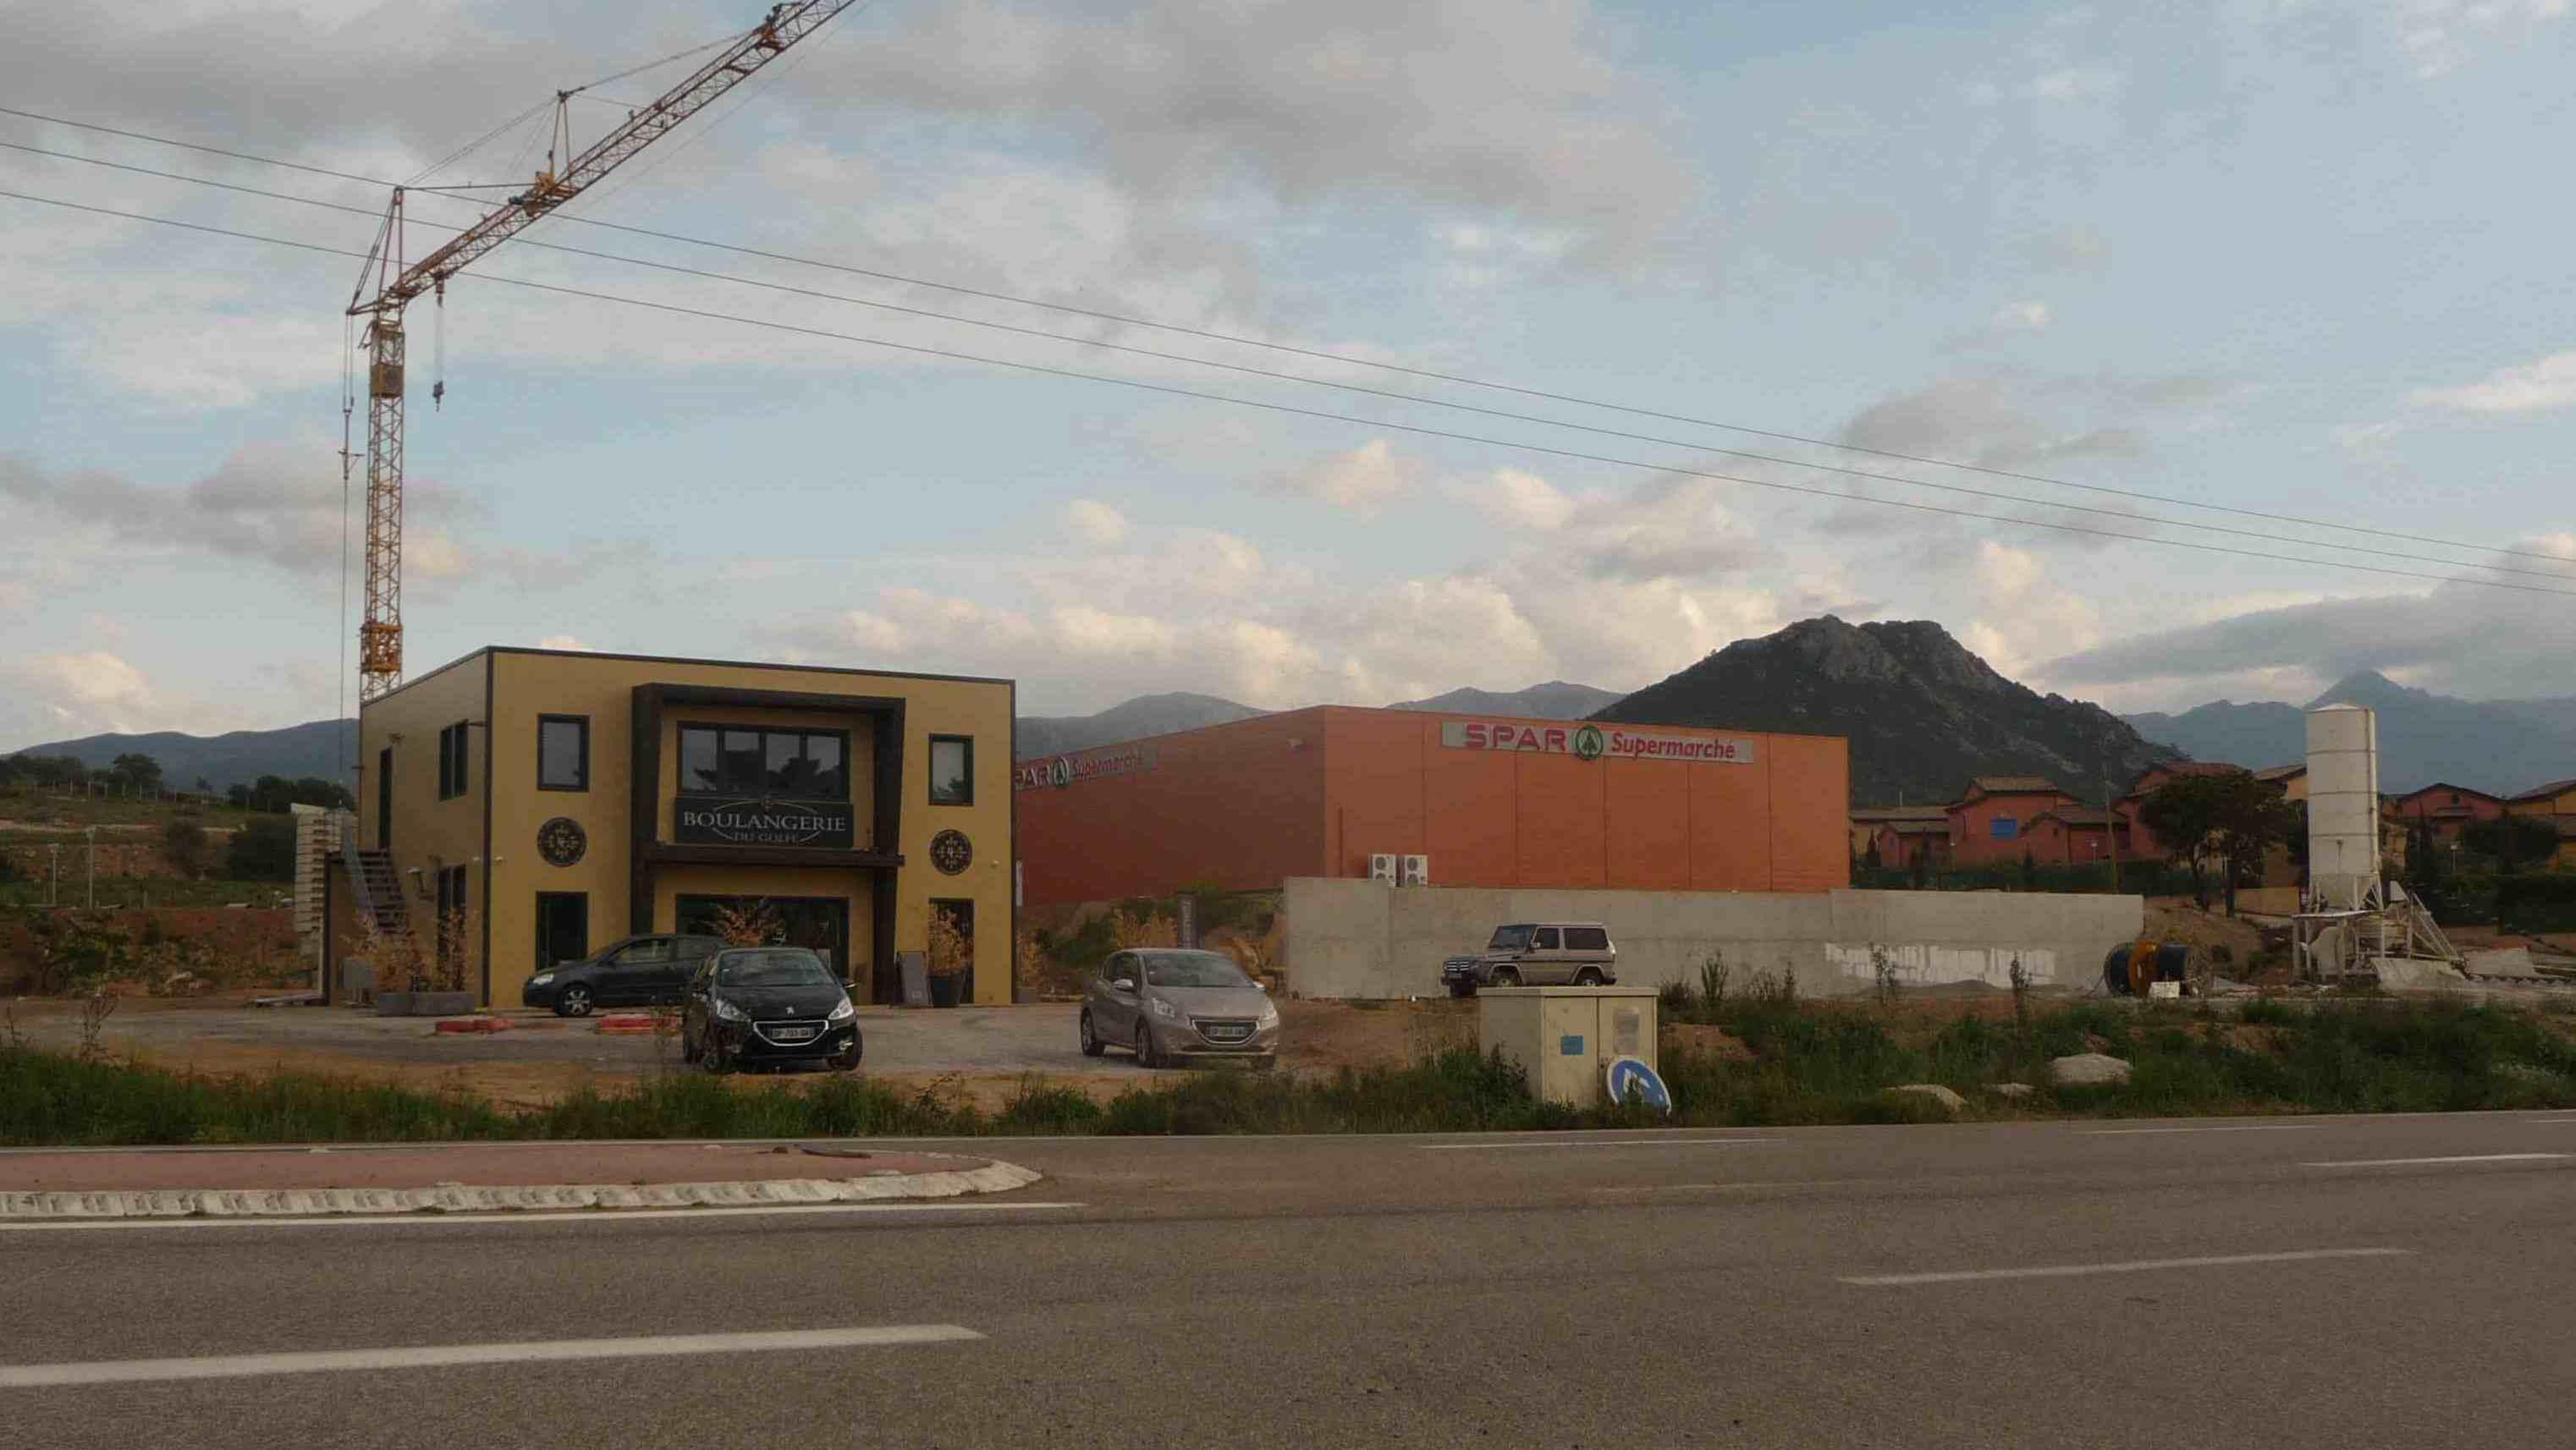 Permis de construire annulés à Lozari : U Levante montre du doigt la municipalité de Belgodere qui réagit